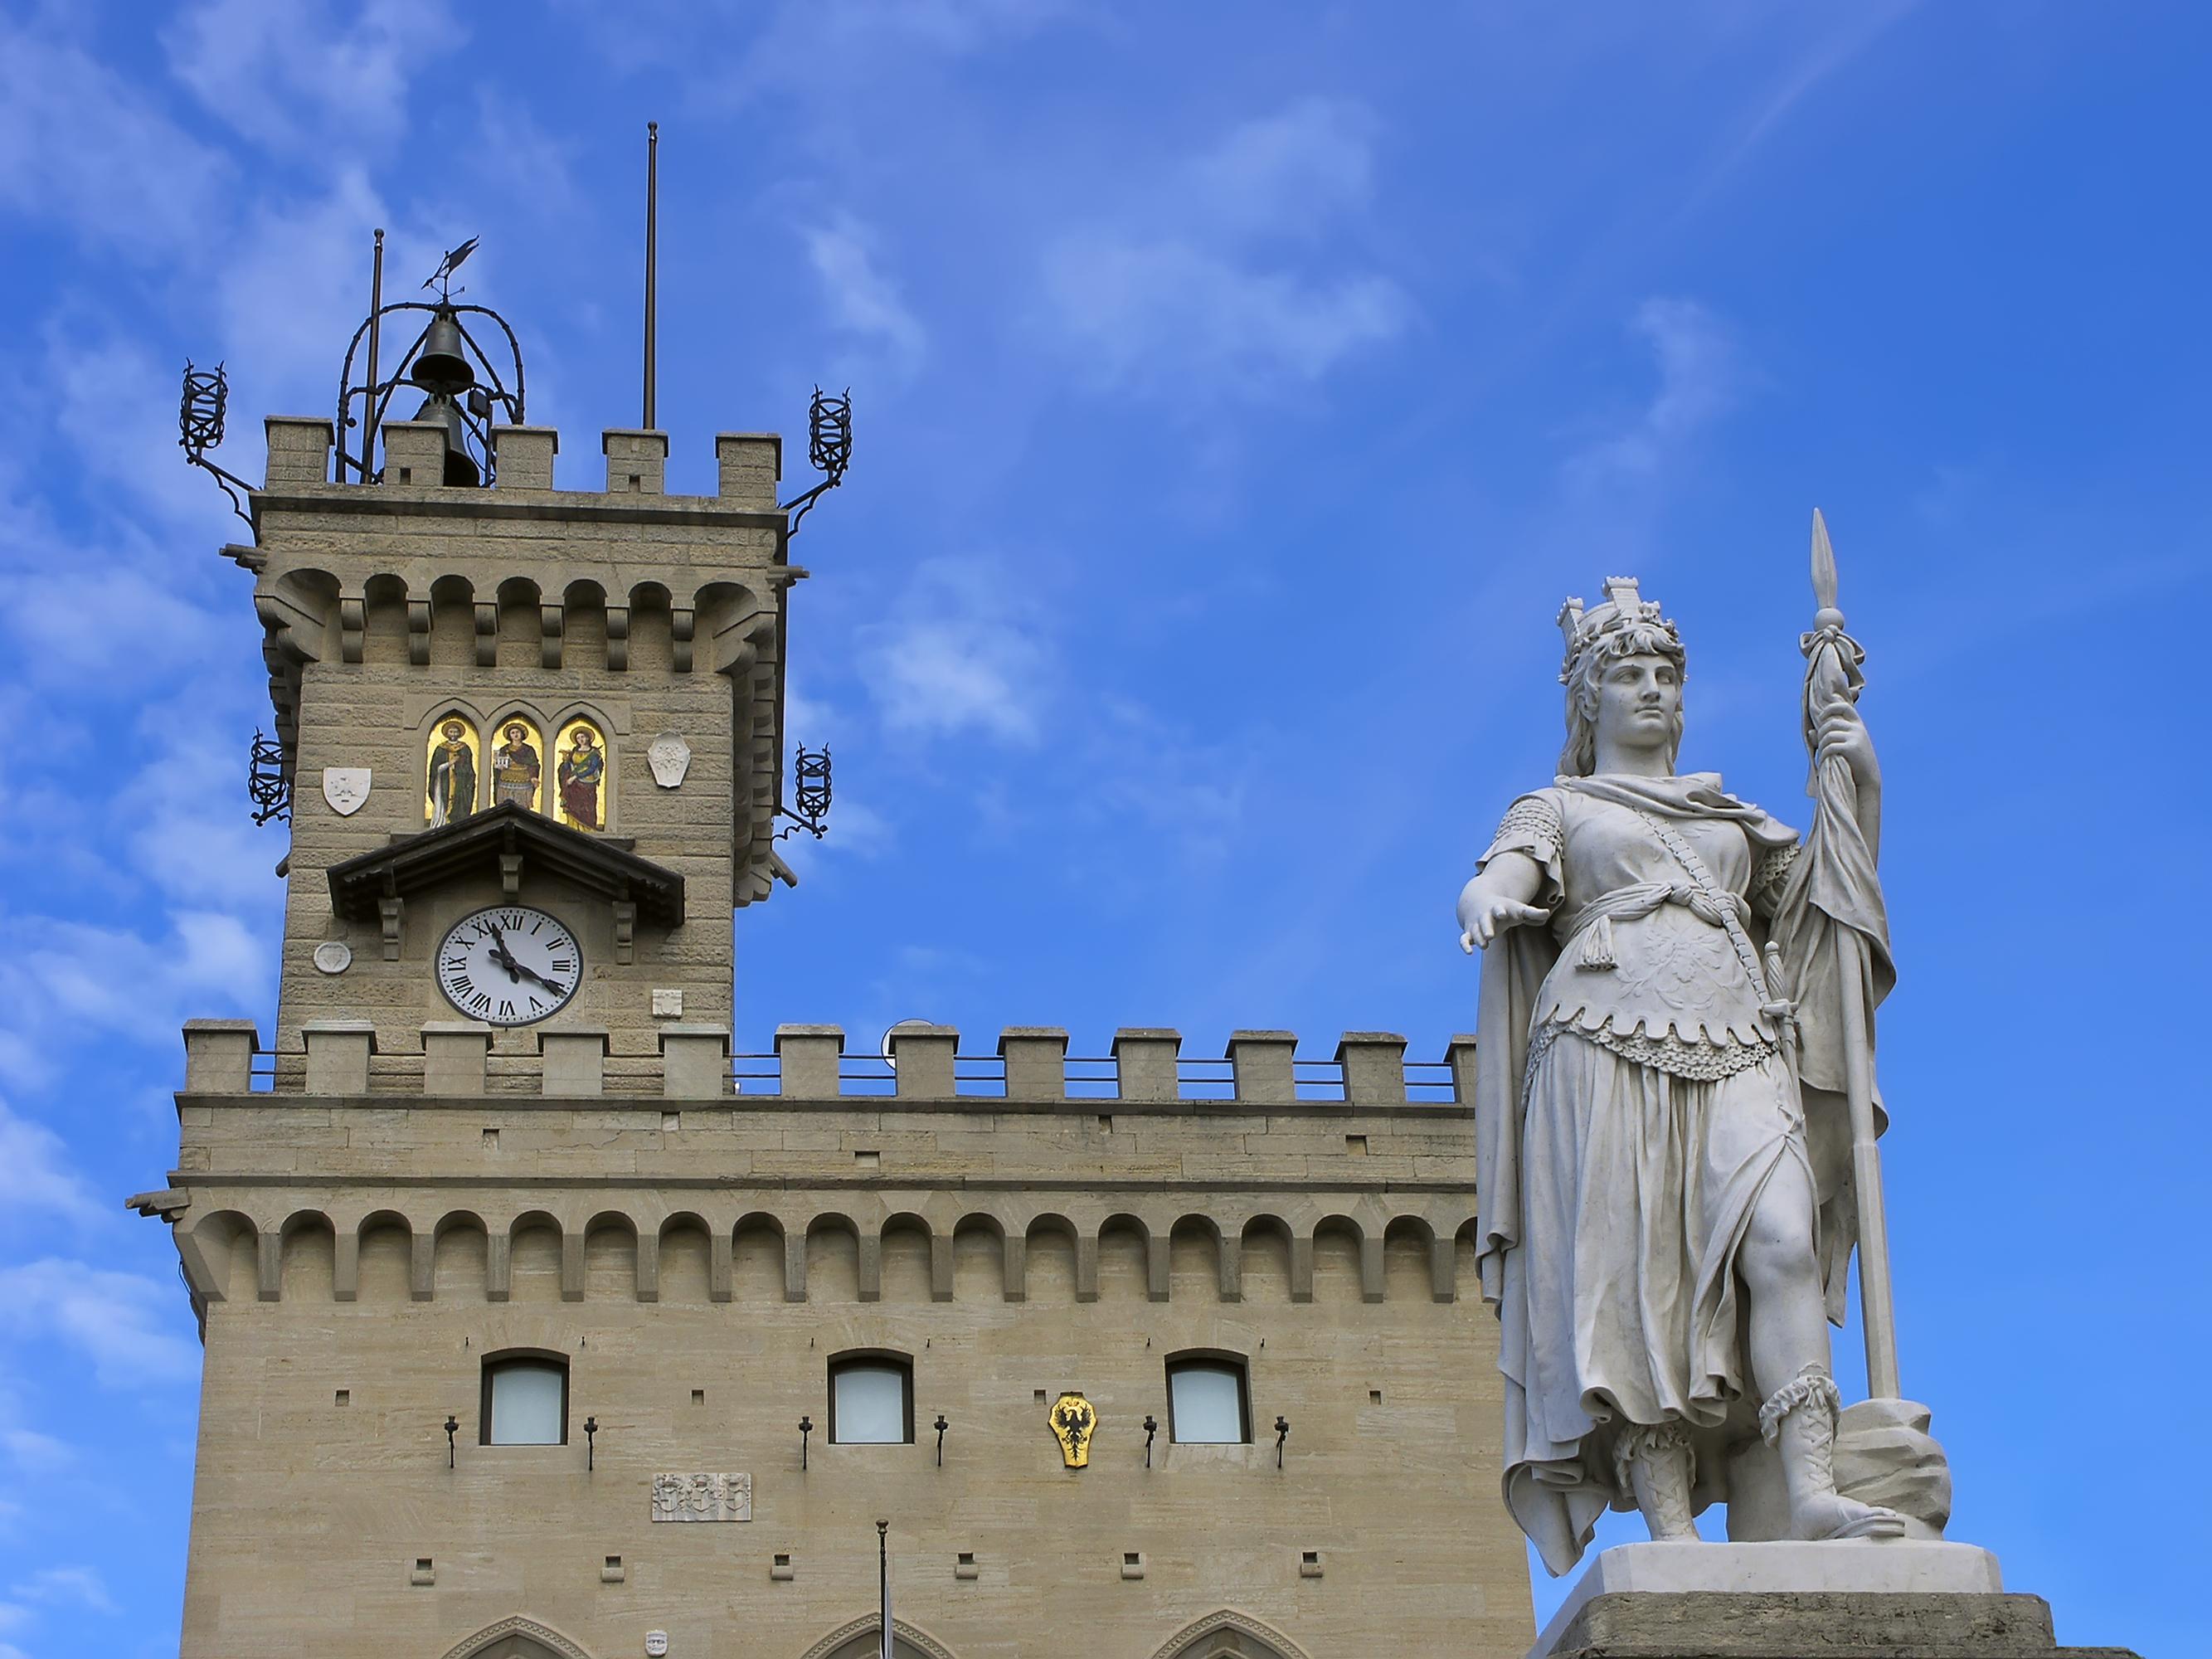 Statue of Liberty, San Marino